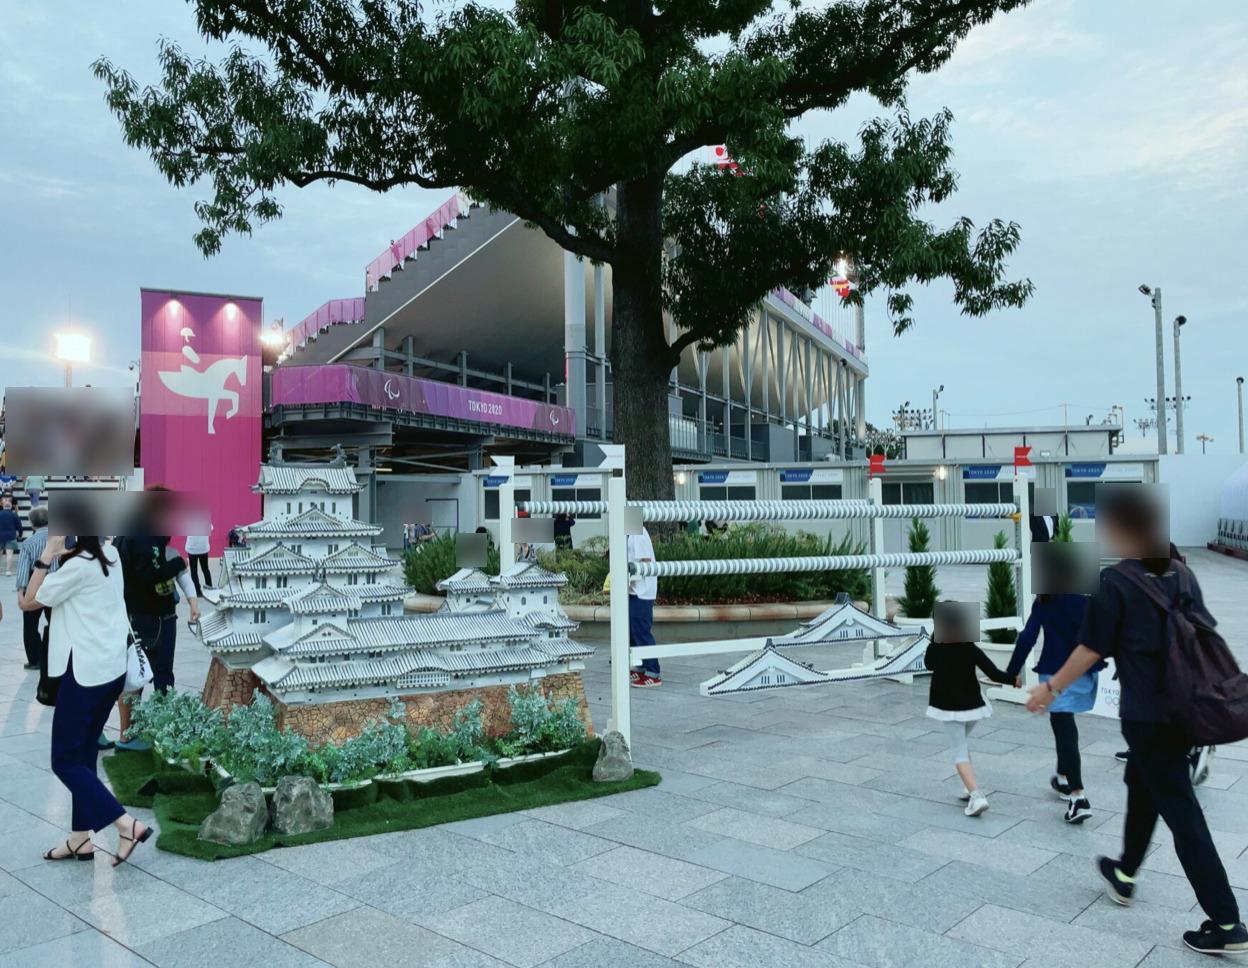 馬事公苑の東京オリンピック馬術競技の障害